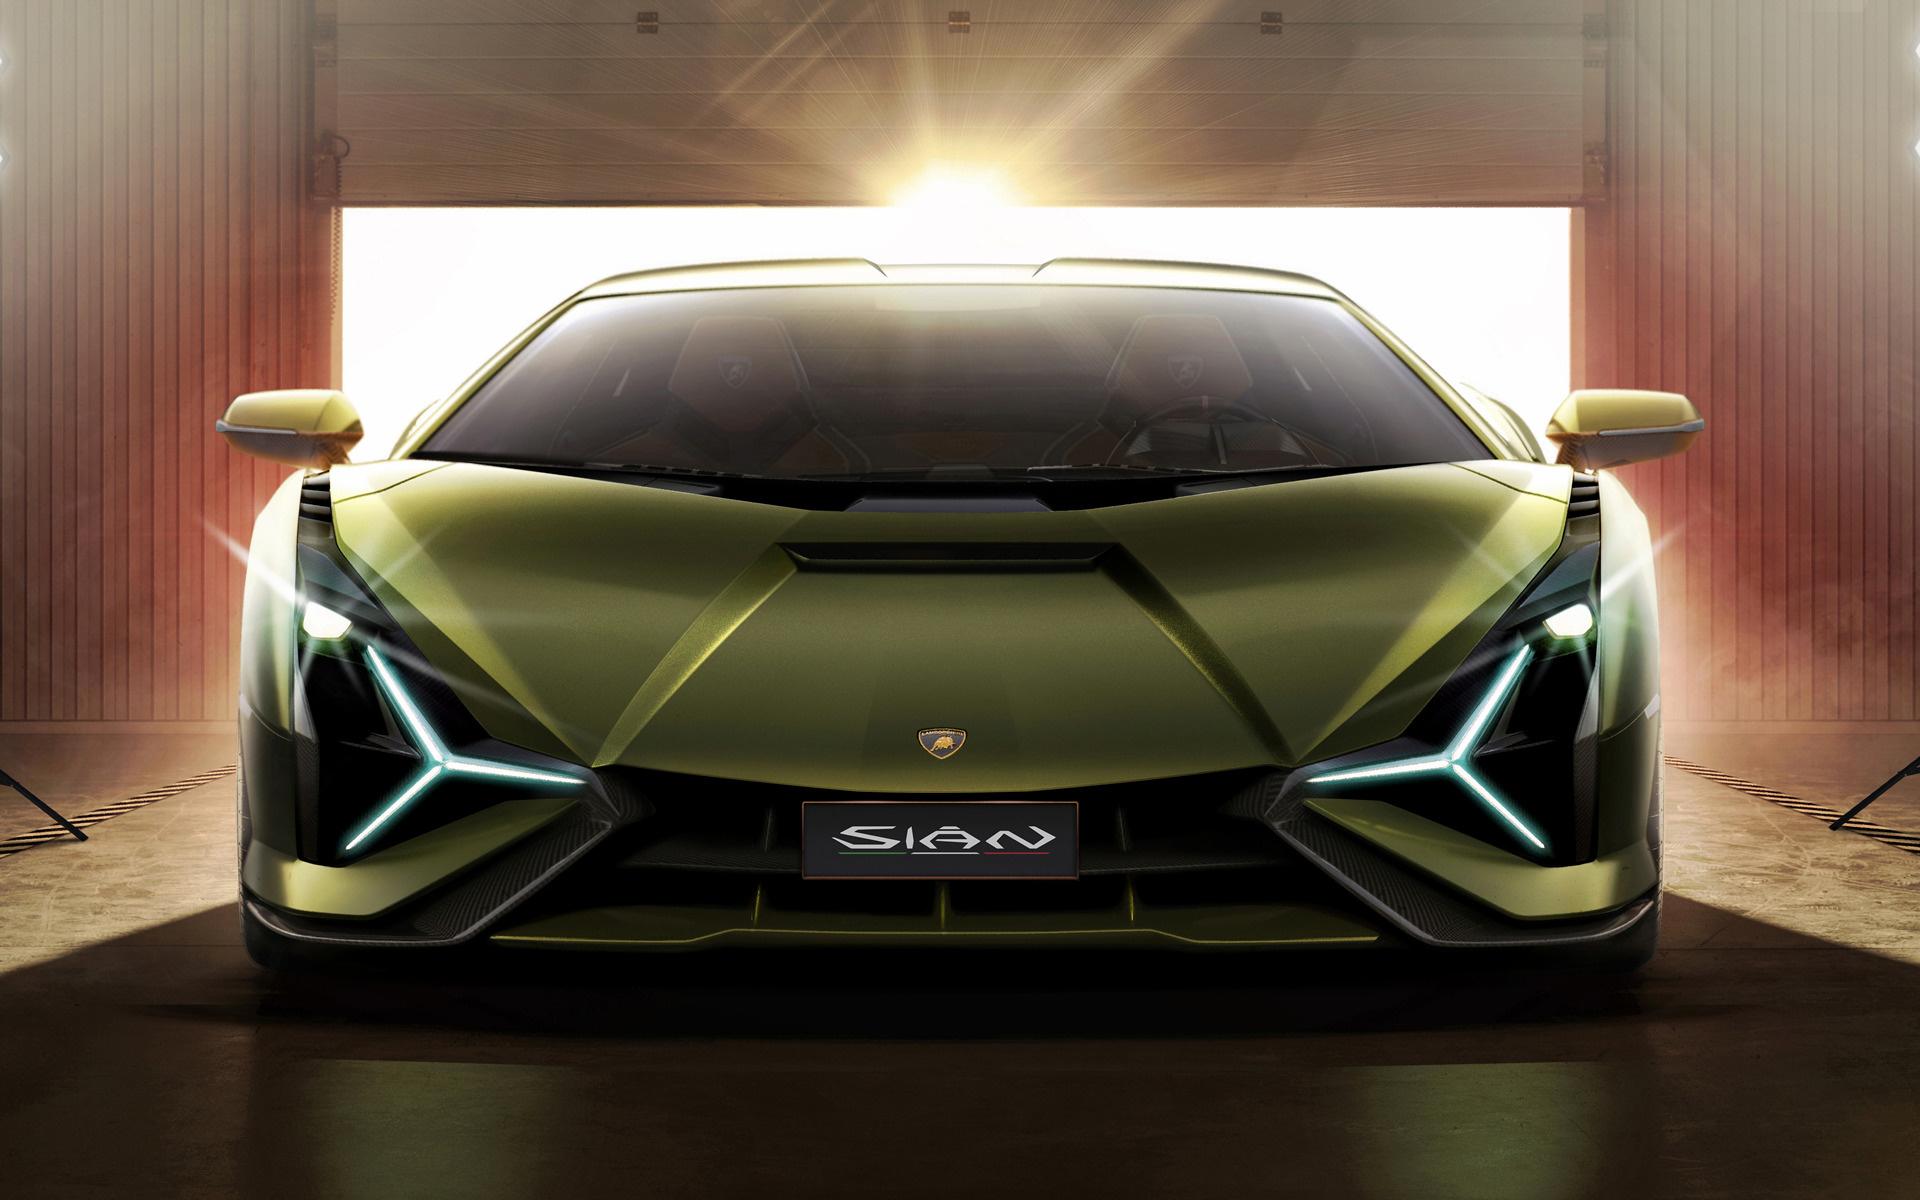 2020 Lamborghini Sian FKP 37